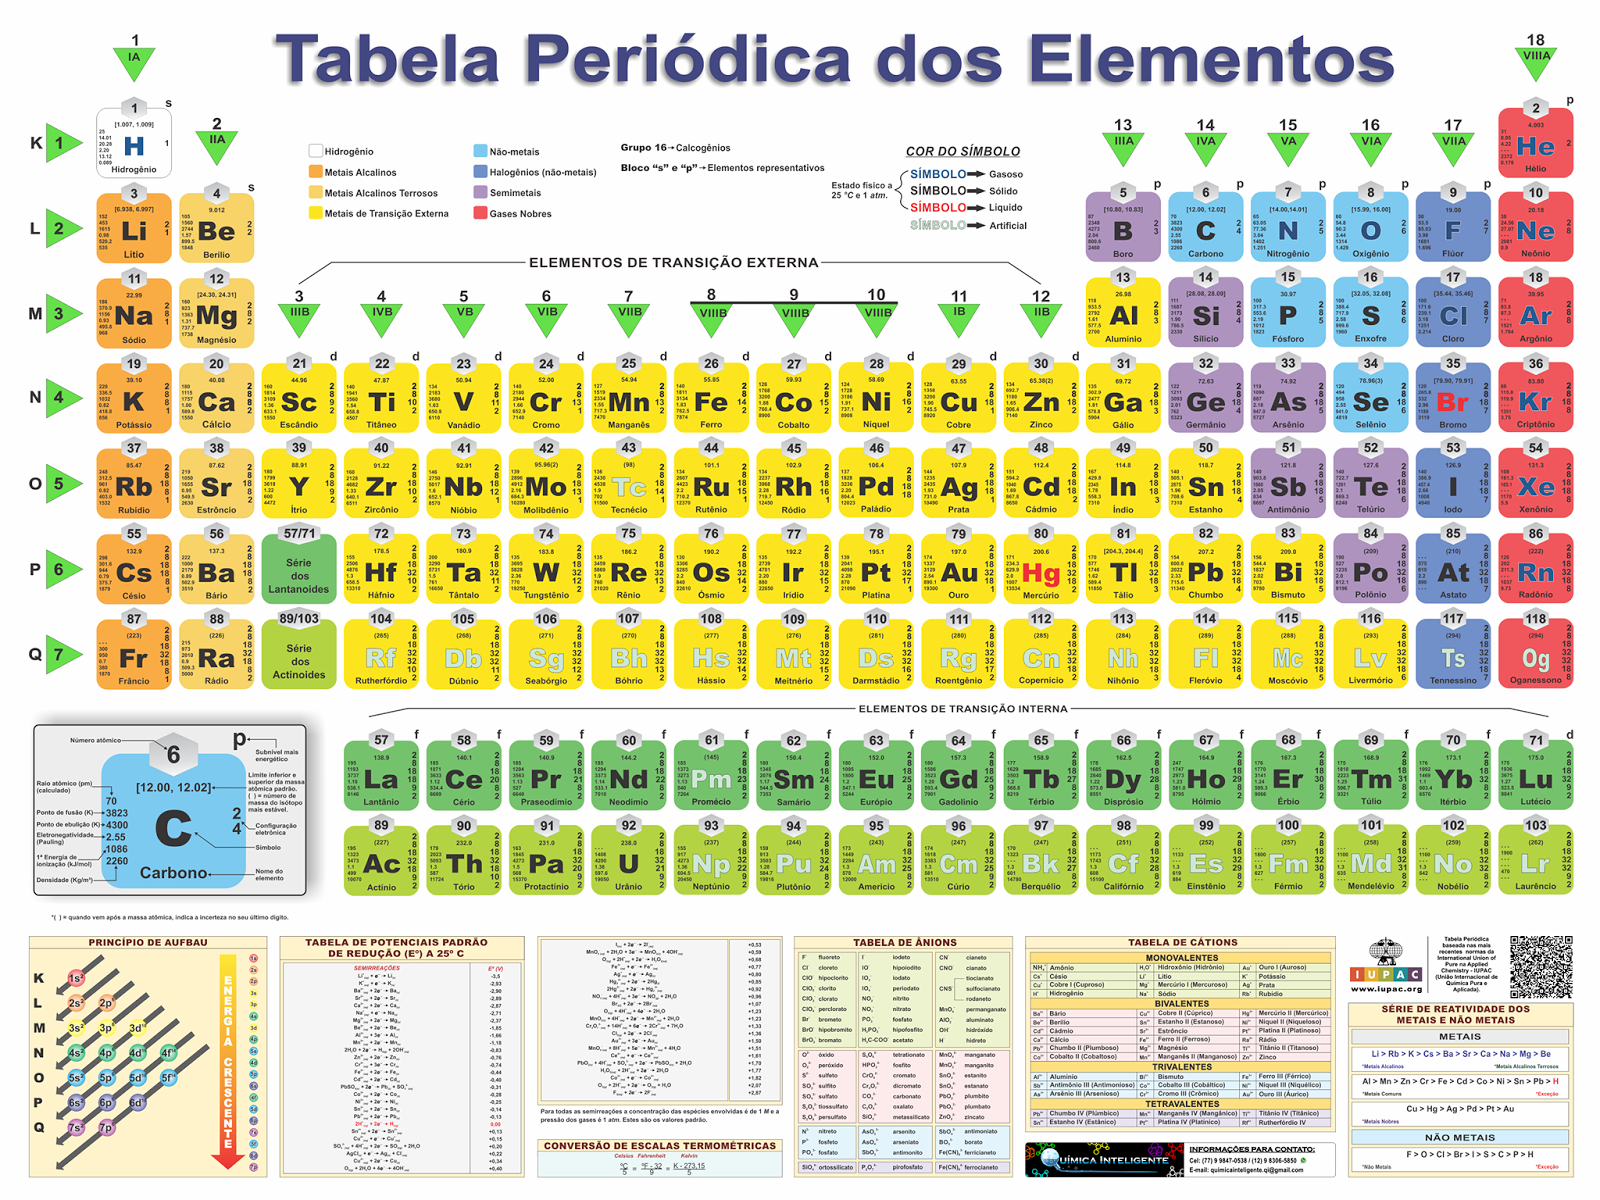 Tabela Periódica dos Elementos - Edição 2017